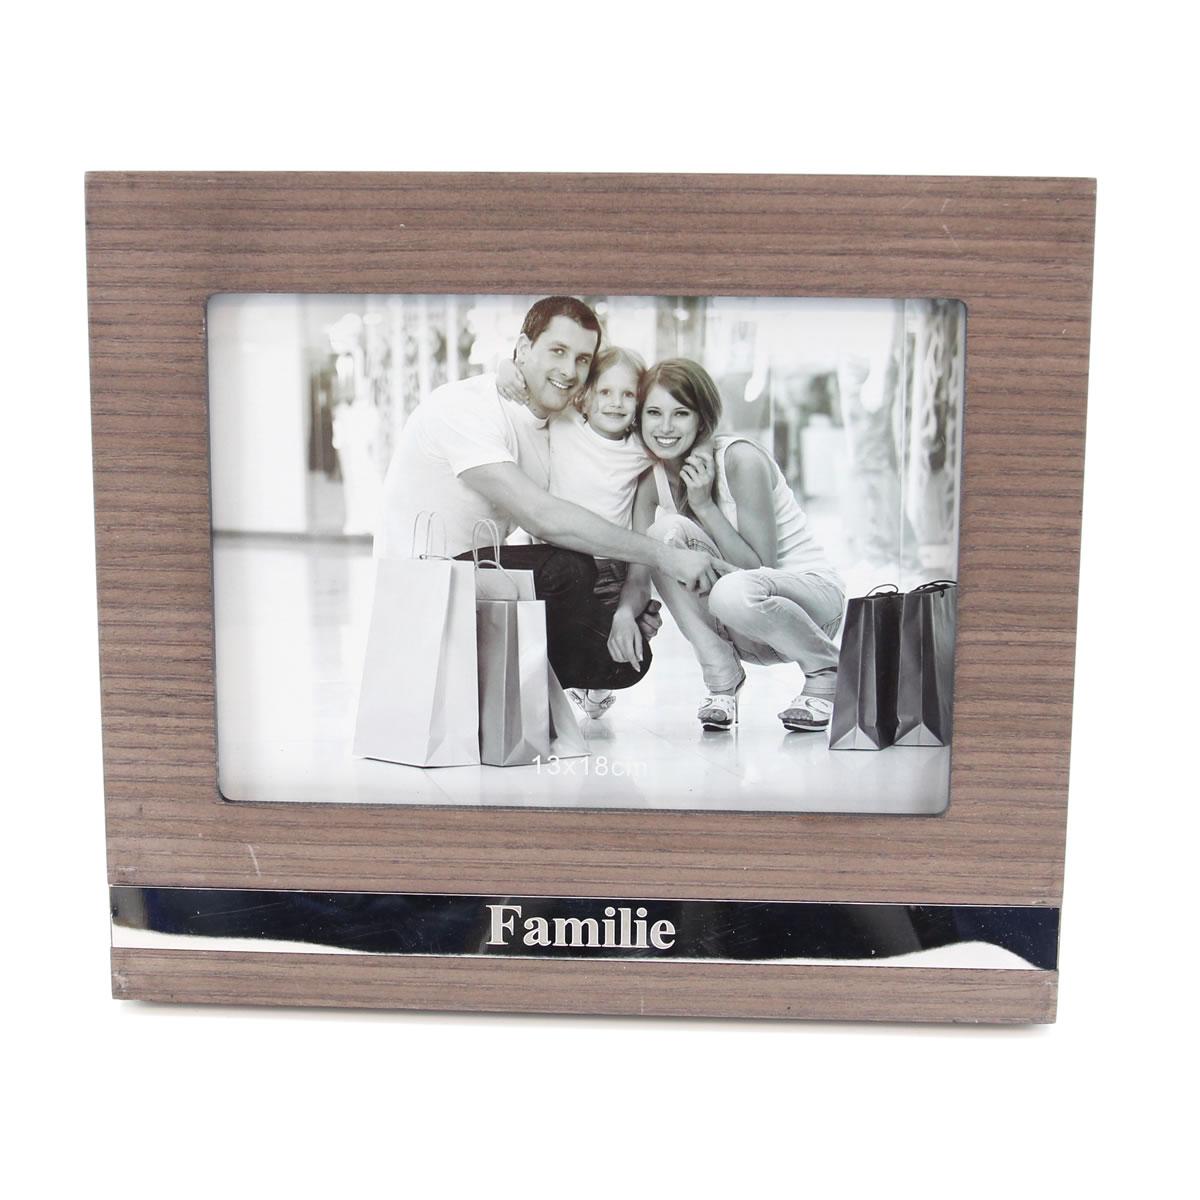 Bilderrahmen, Fotorahmen, Familie, Portraitrahmen für 1 Foto 13x18cm ...